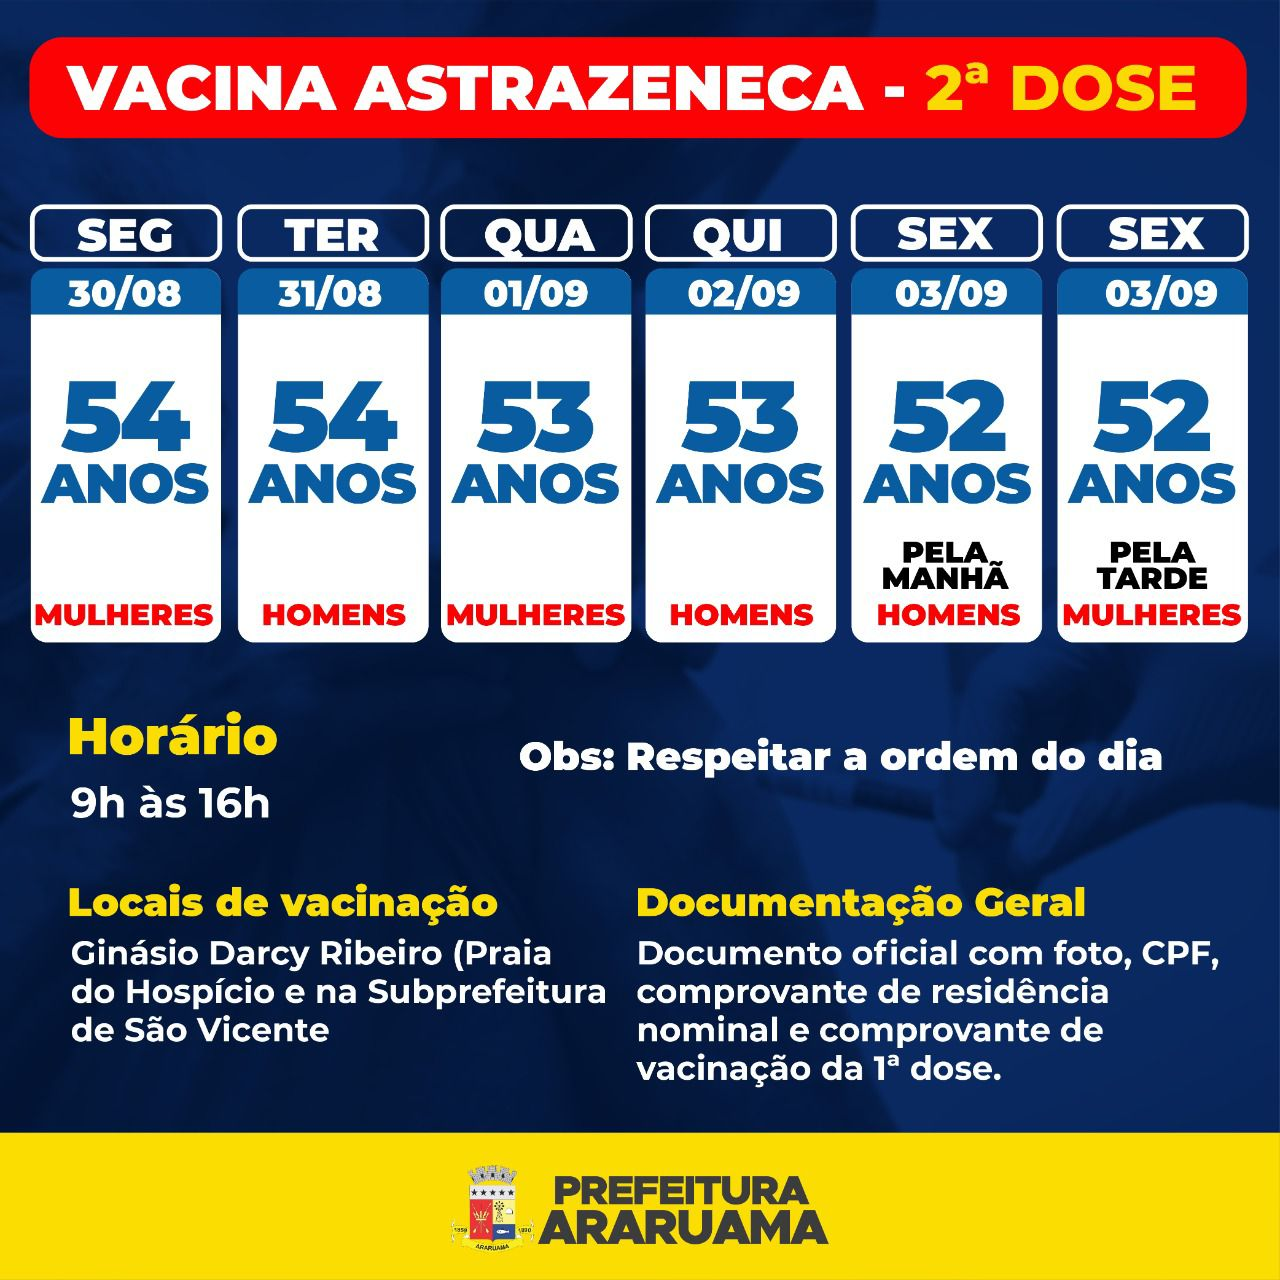 Calendário de vacinação da segunda dose da Astrazeneca